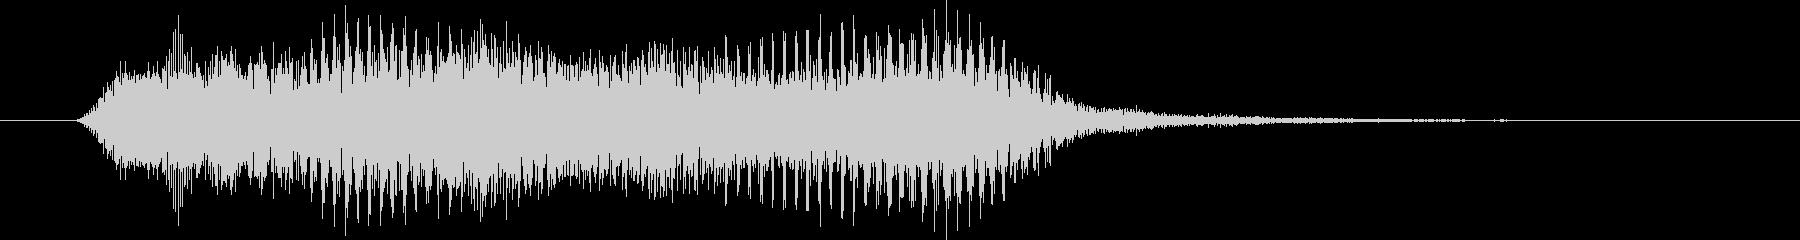 汎用16 ジャジャジャジャーン(運命)の未再生の波形